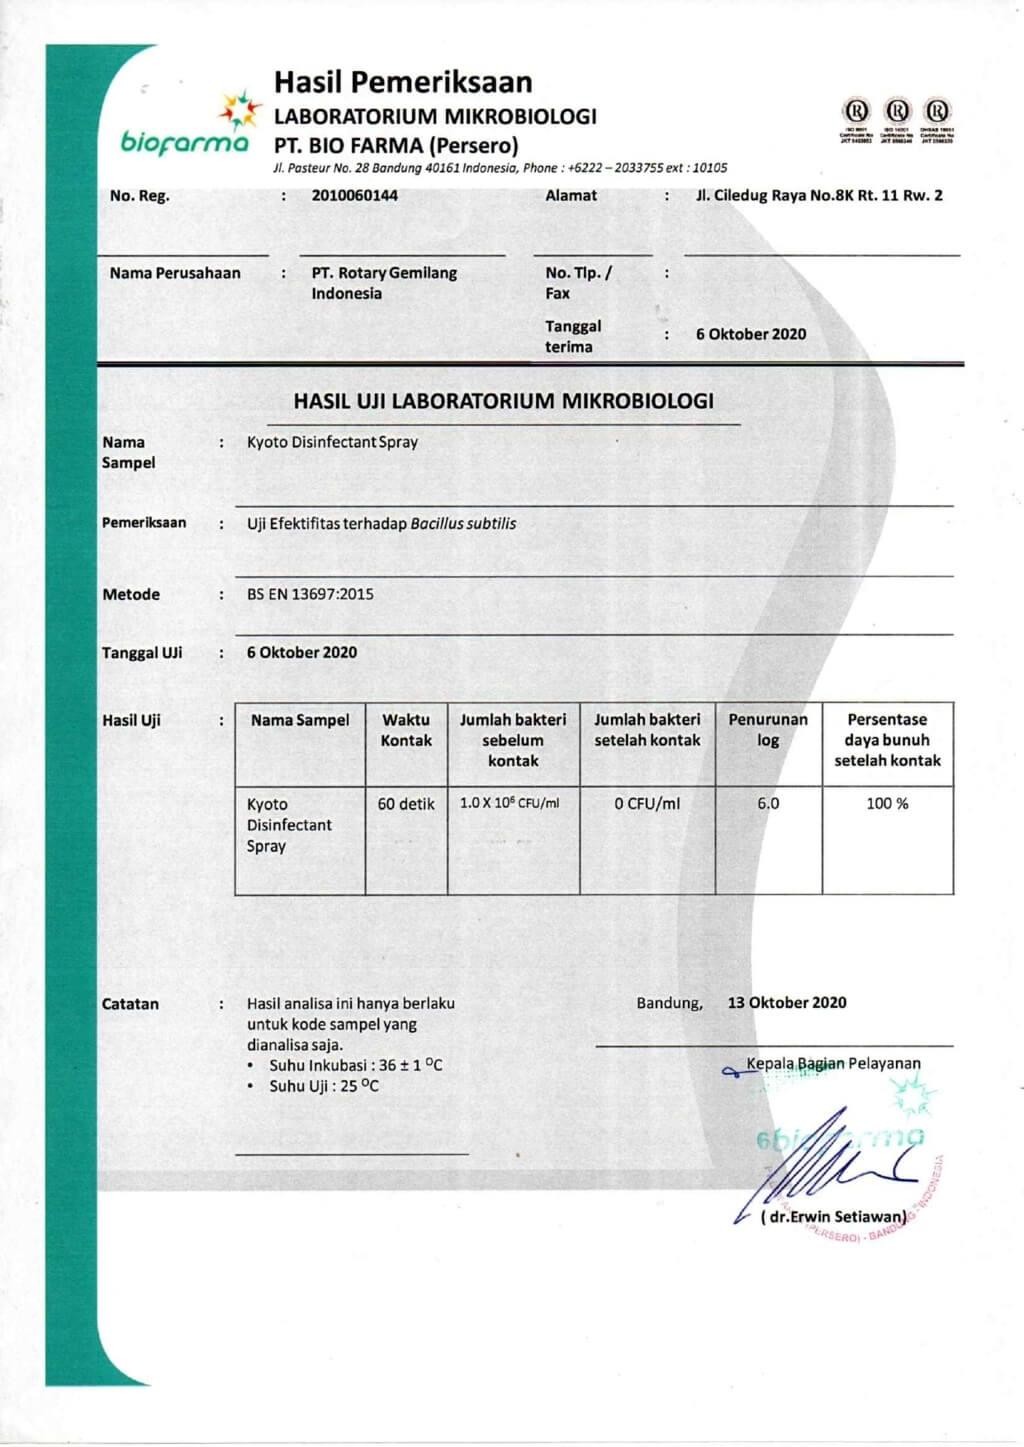 optimize- Hasil Lab Biofarma Aerosol_pages-to-jpg-0005